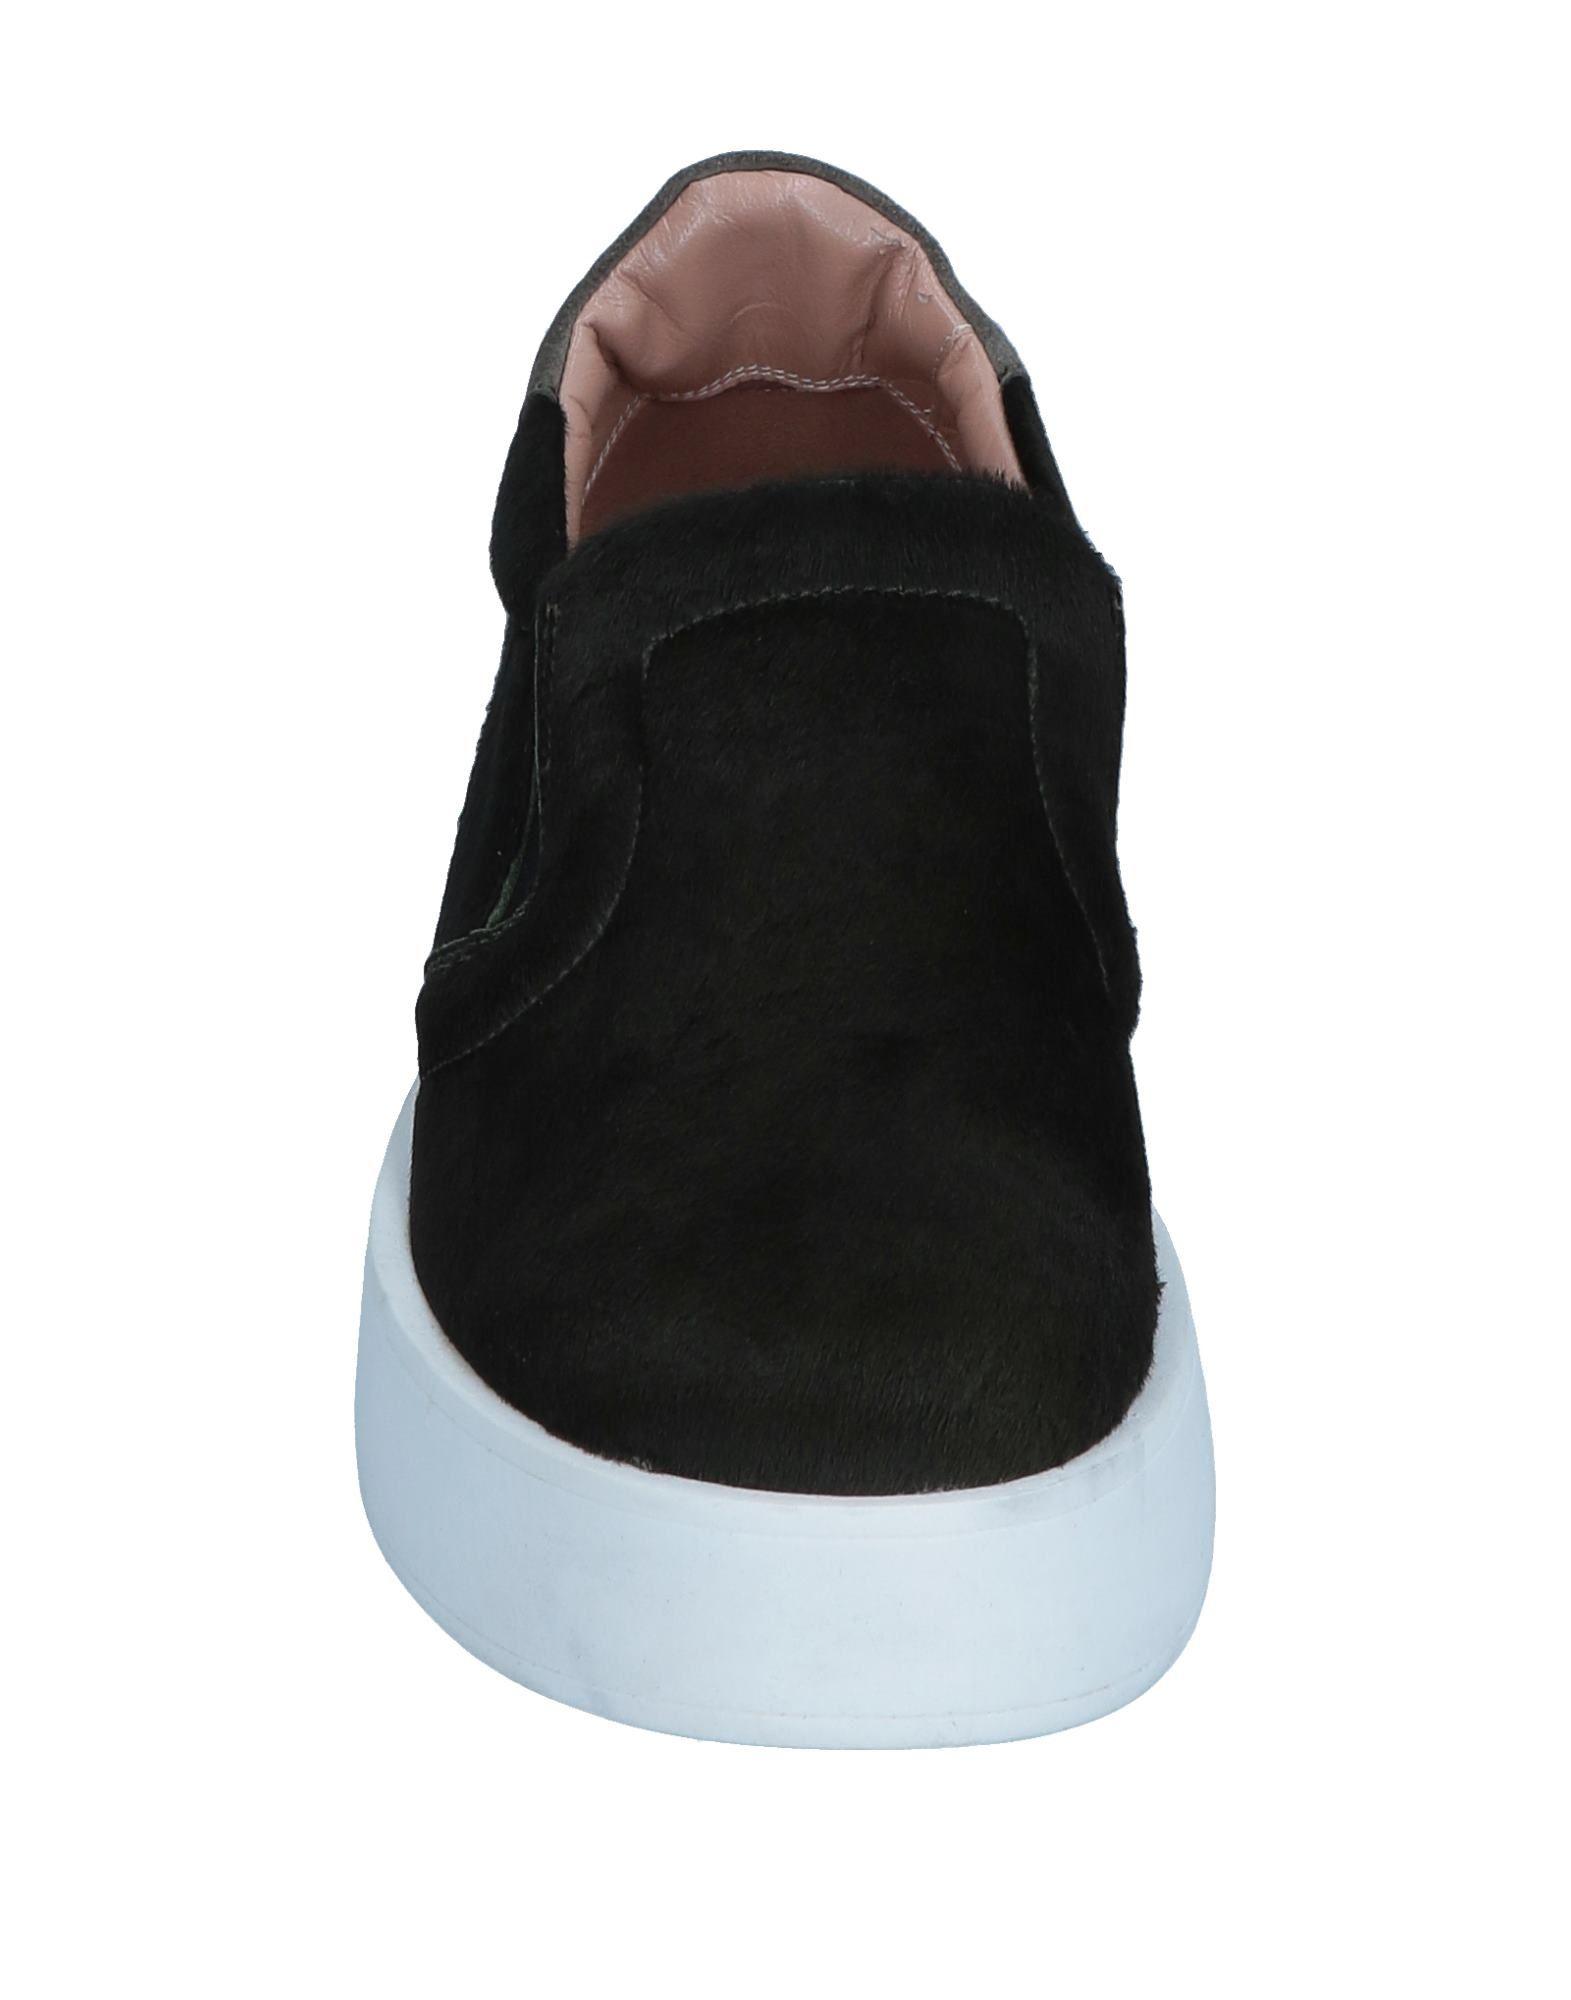 Twin 11546635CHGut aussehende aussehende aussehende strapazierfähige Schuhe 2c9d7a